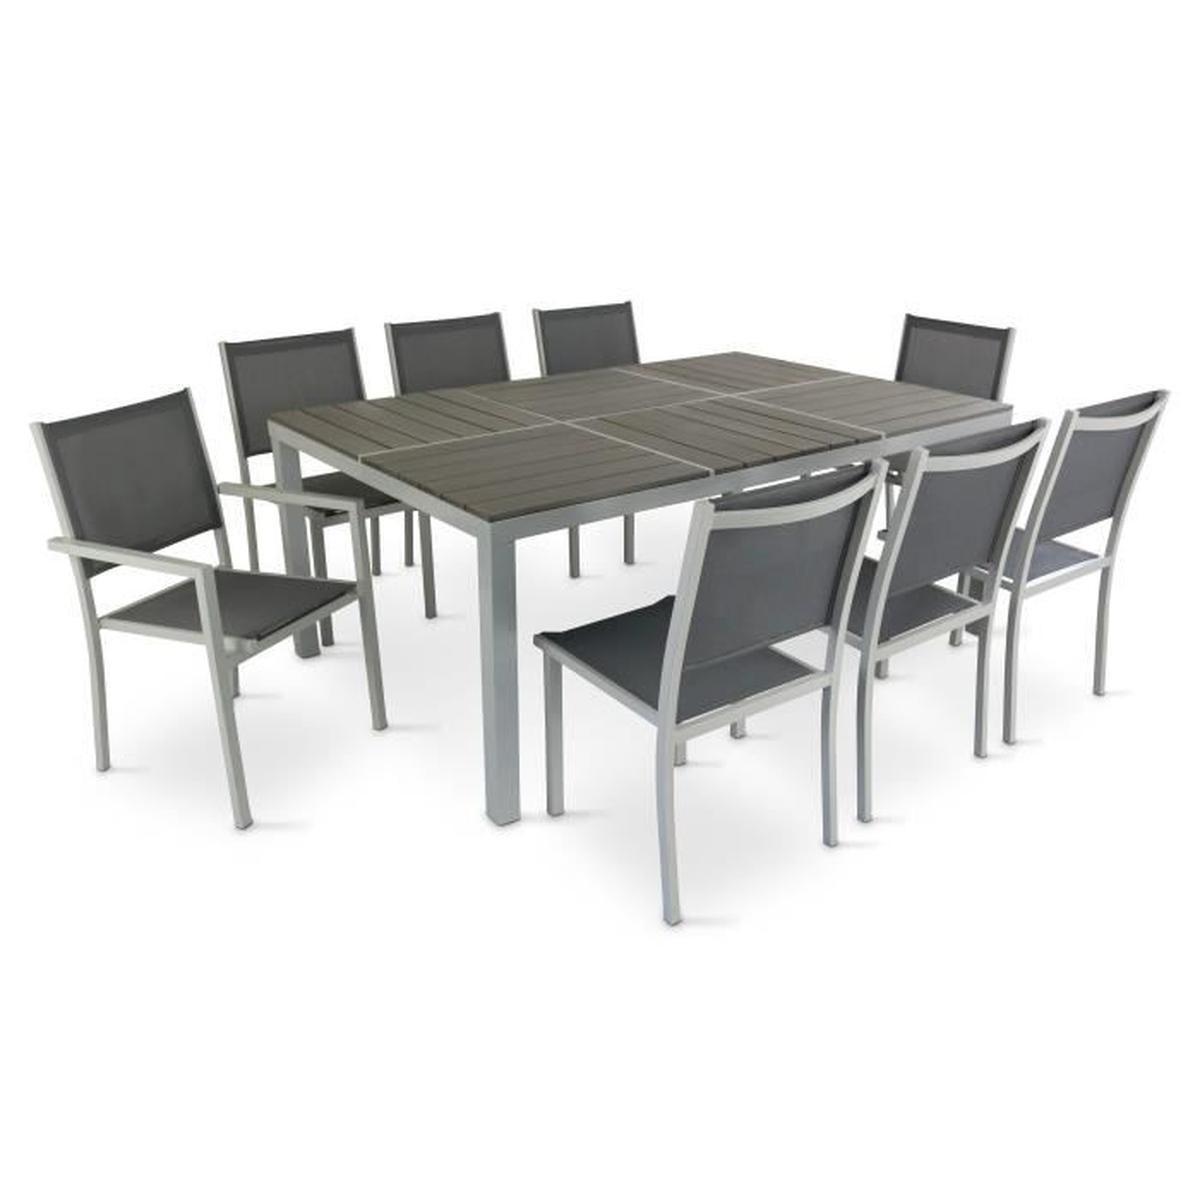 Table De Jardin En Aluminium Et Polywood + 8 Chaises - Achat ... encequiconcerne Table De Jardin Cdiscount